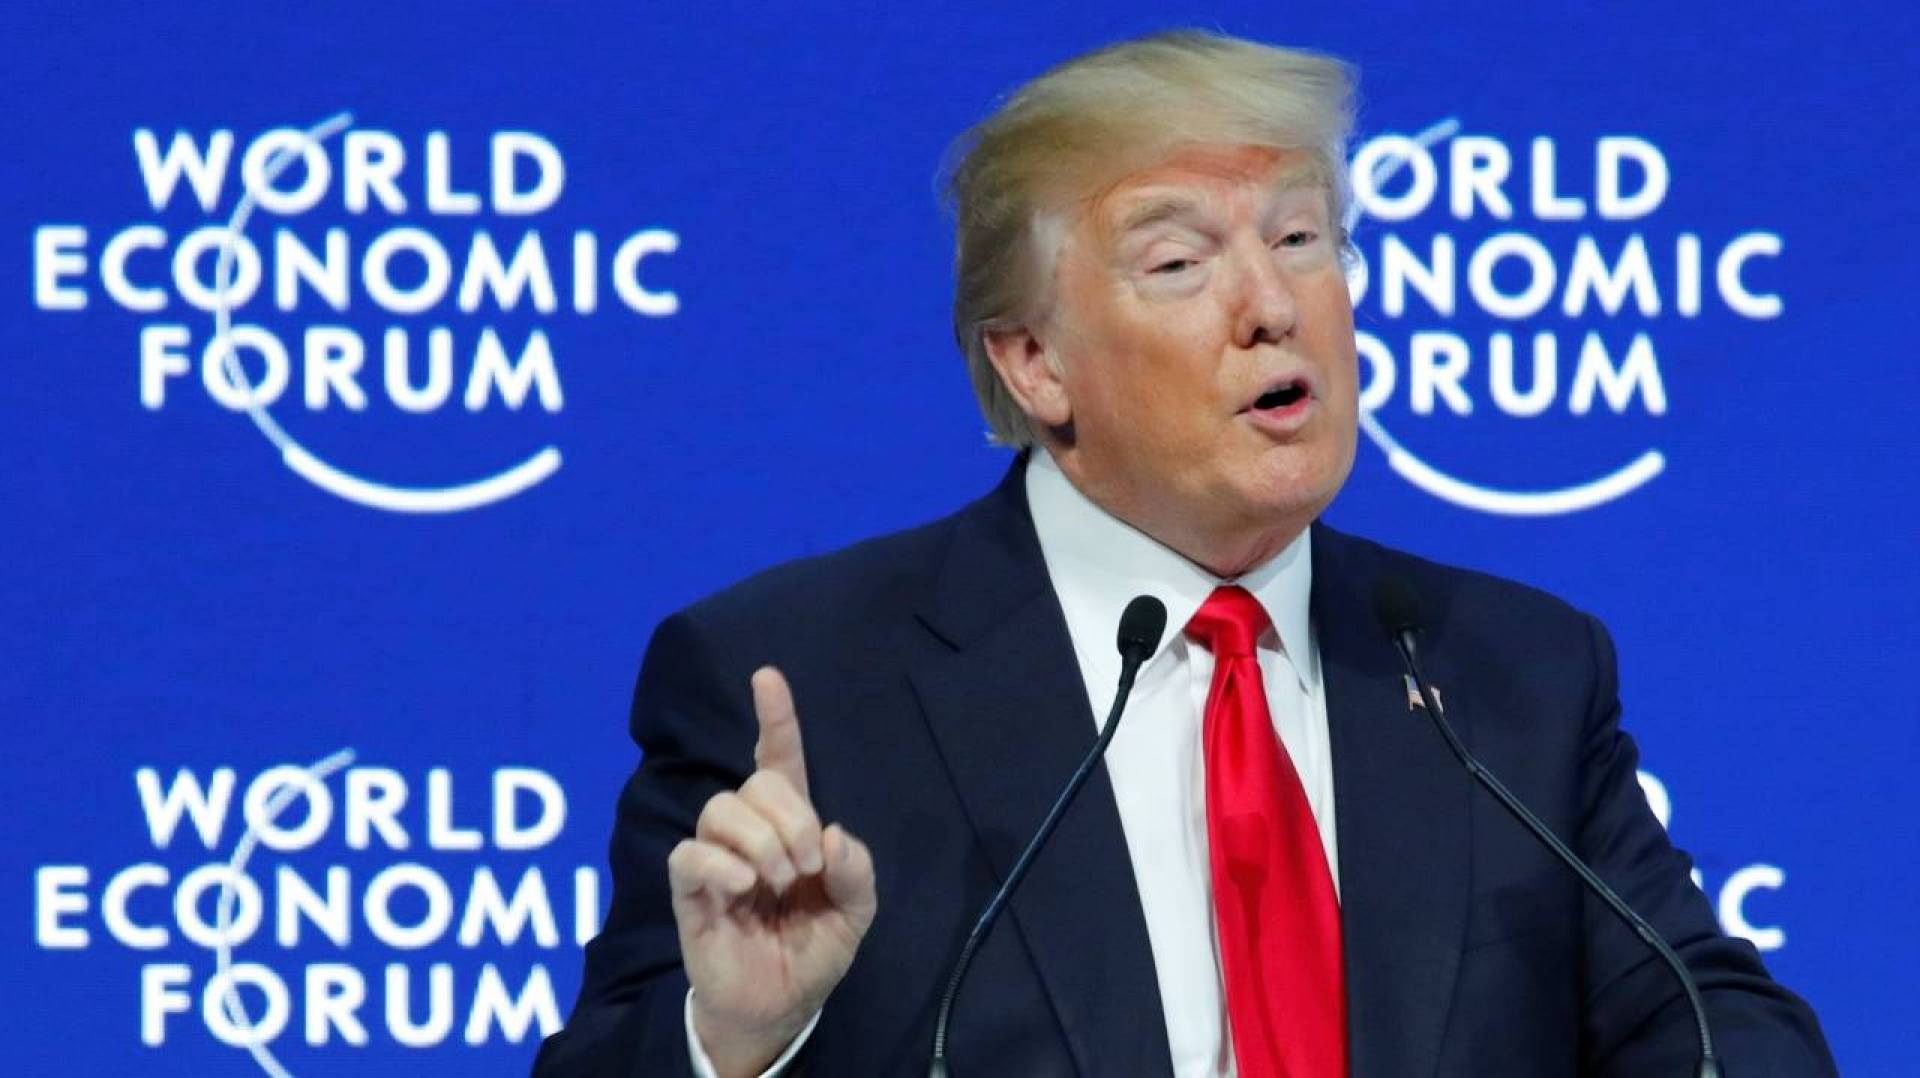 ترامب في «دافوس»: حاربتُ البطالة وتآكُلَ الطبقة الوسطى